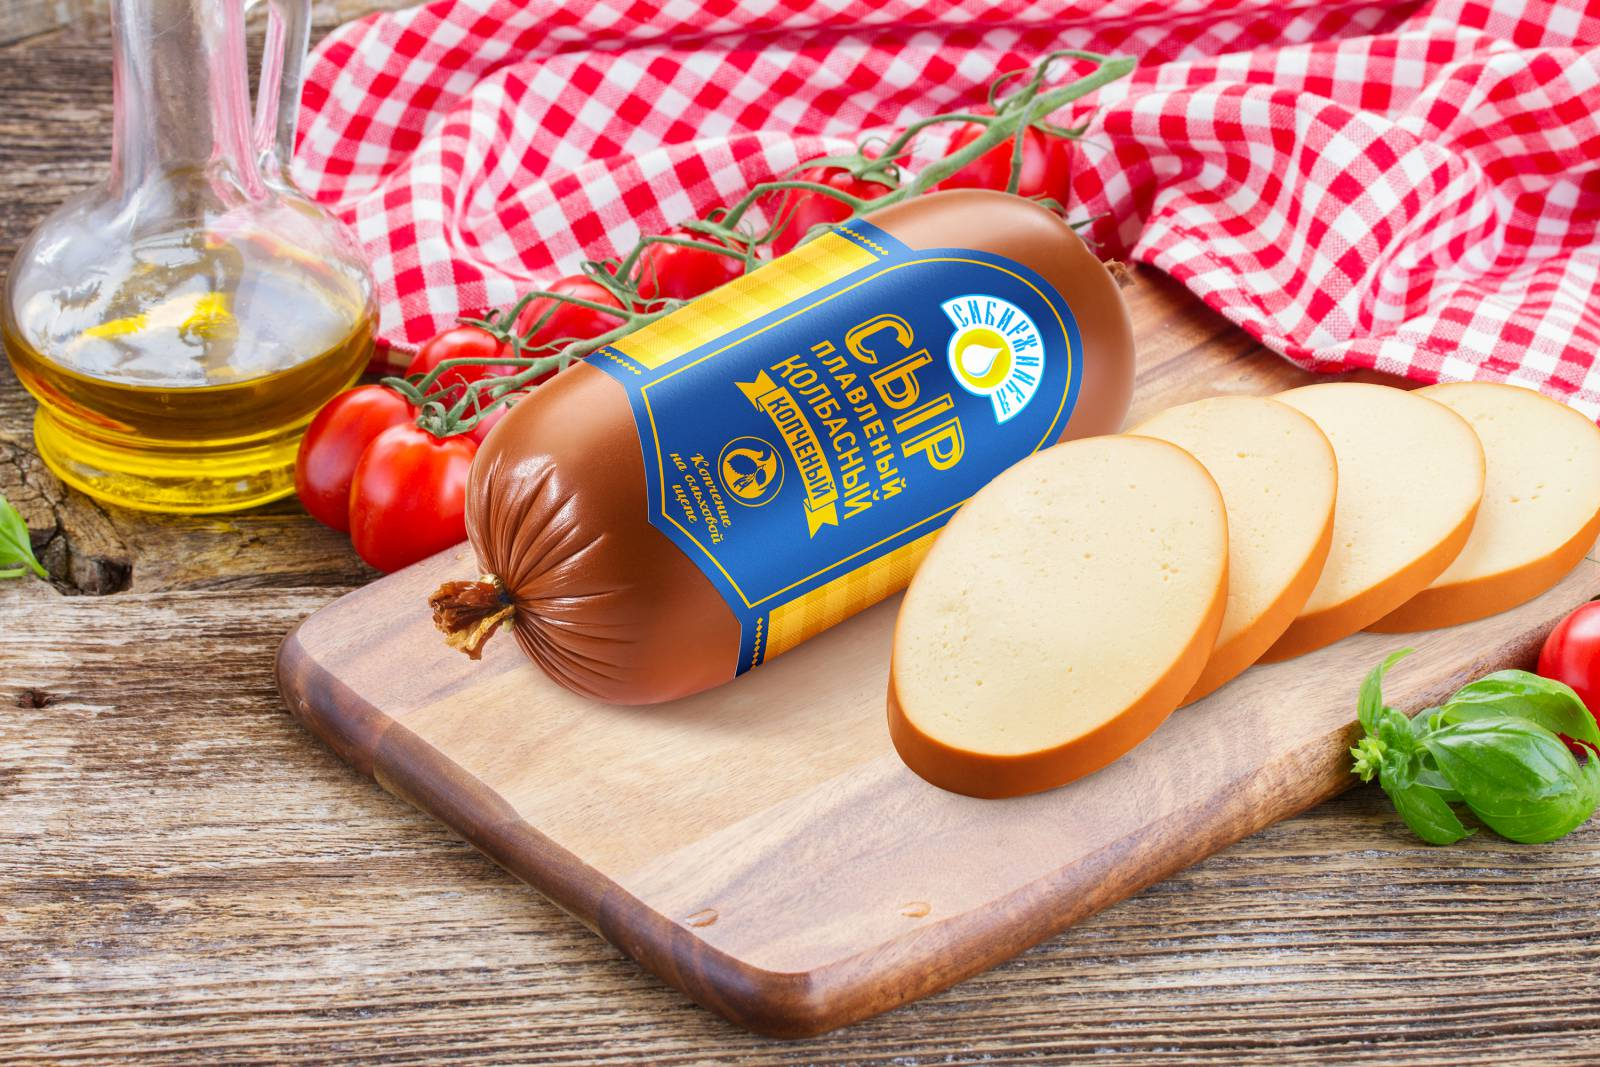 Плавленый сыр: польза и вред, пошаговый рецепт с фото